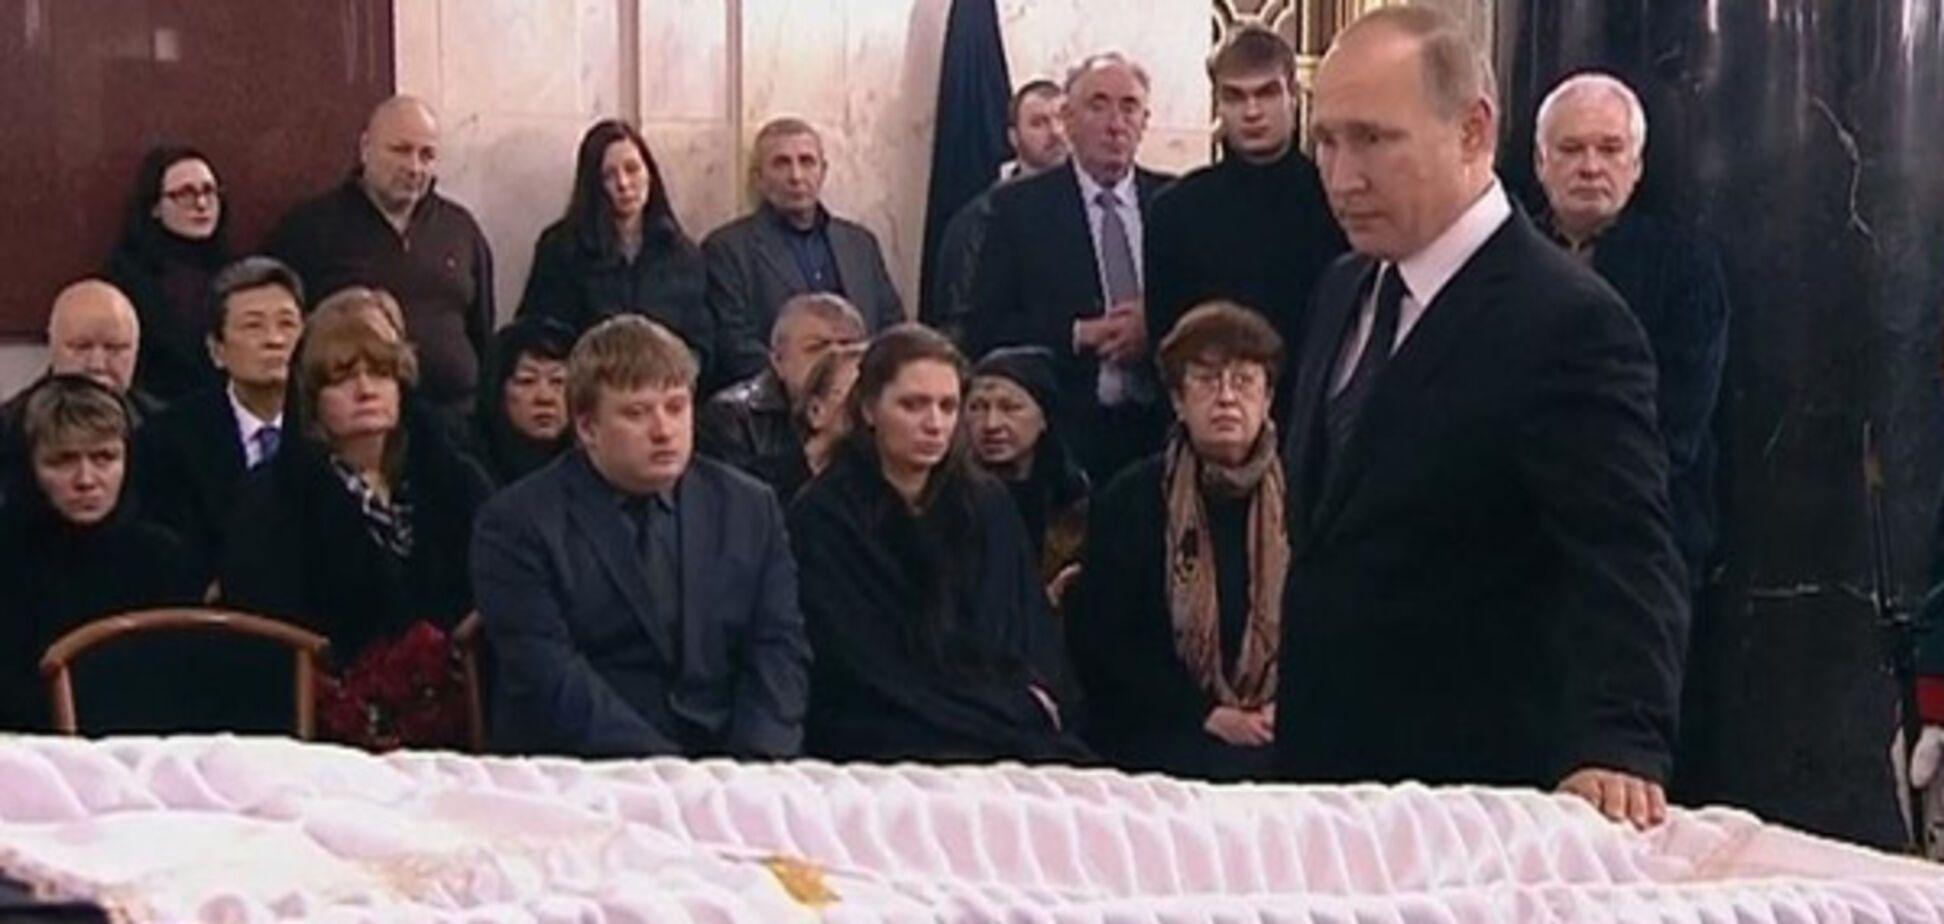 Церемония прощания с Карловым